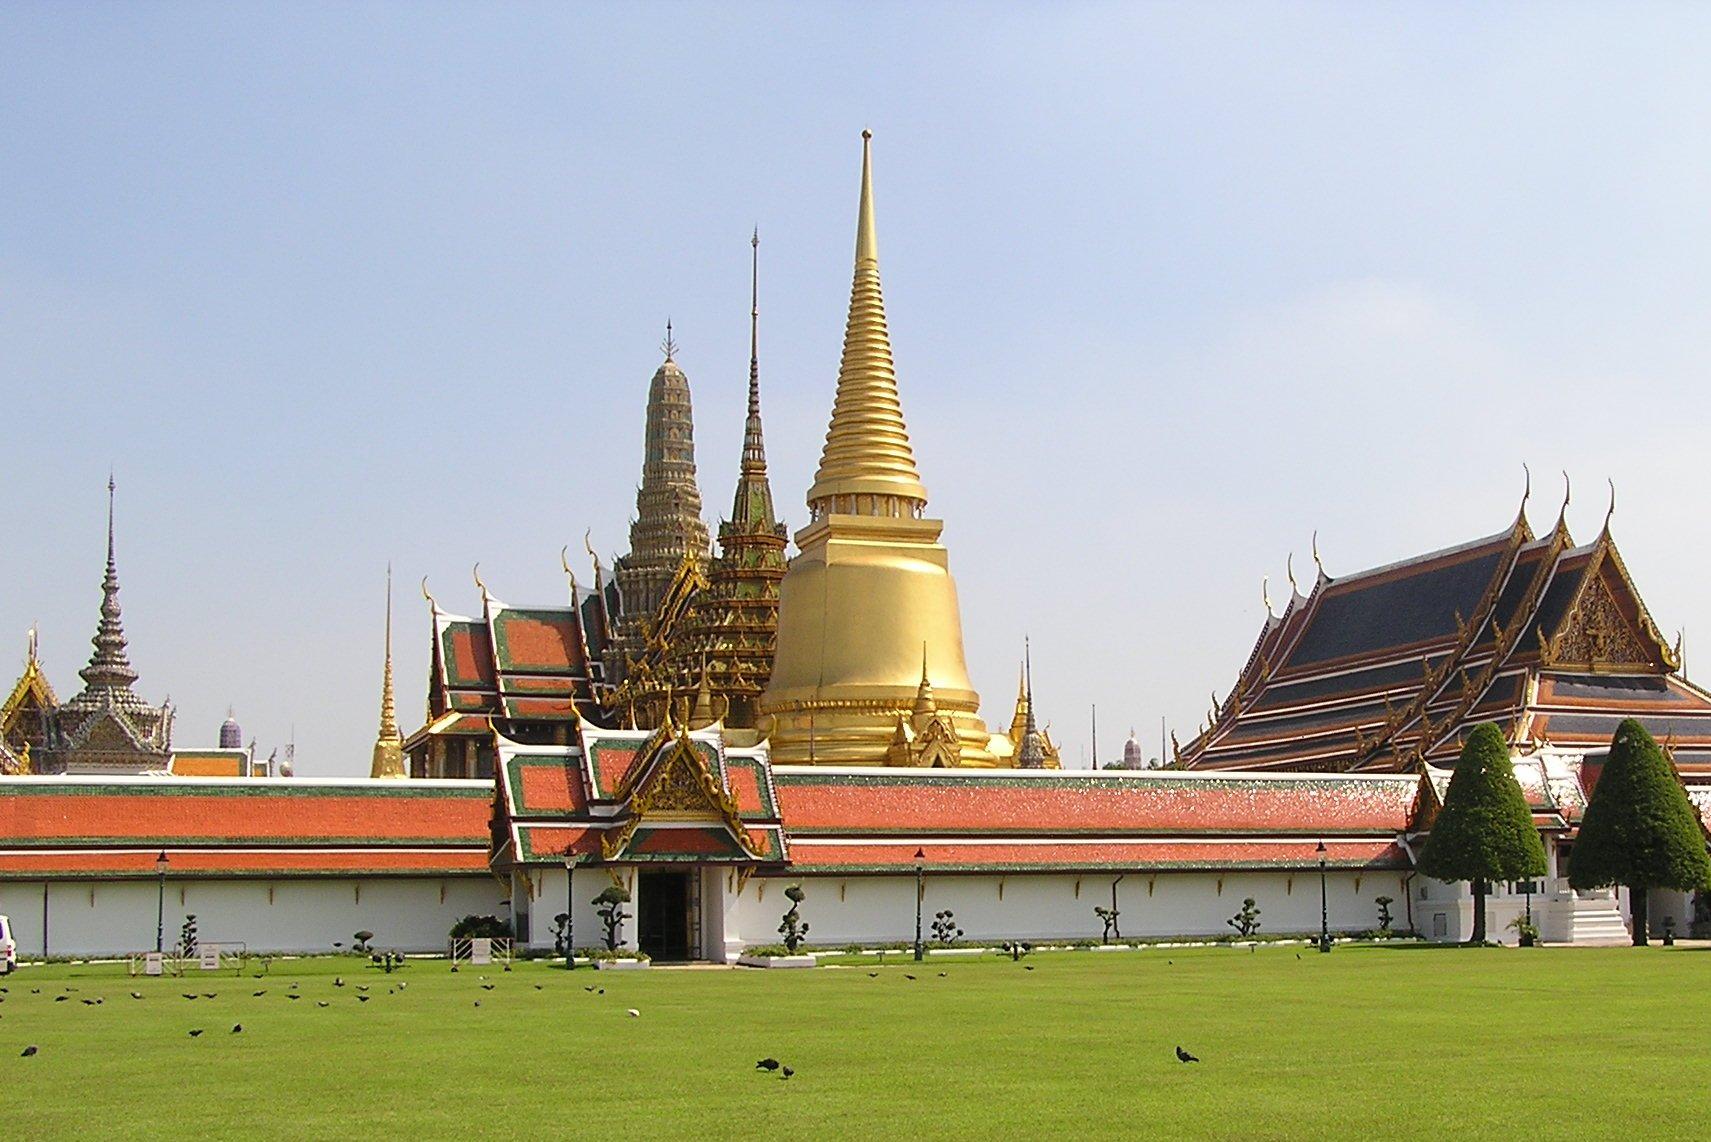 Laem Sor Pagoda